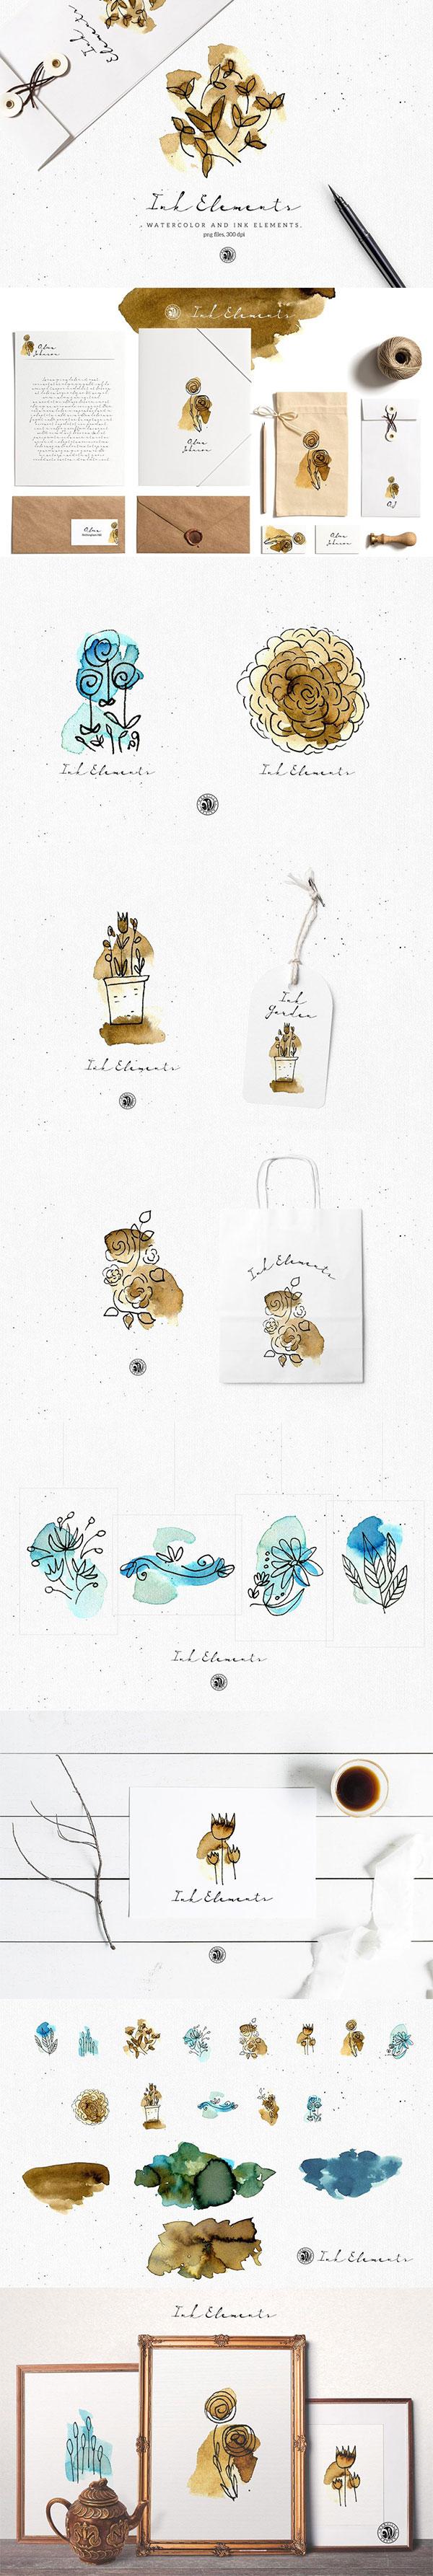 写意水墨花卉元素